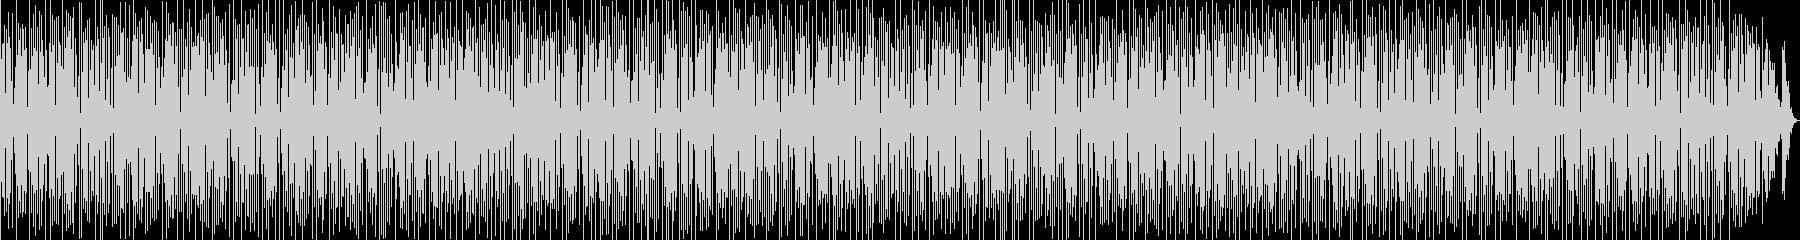 東京メロウNuJazzの未再生の波形